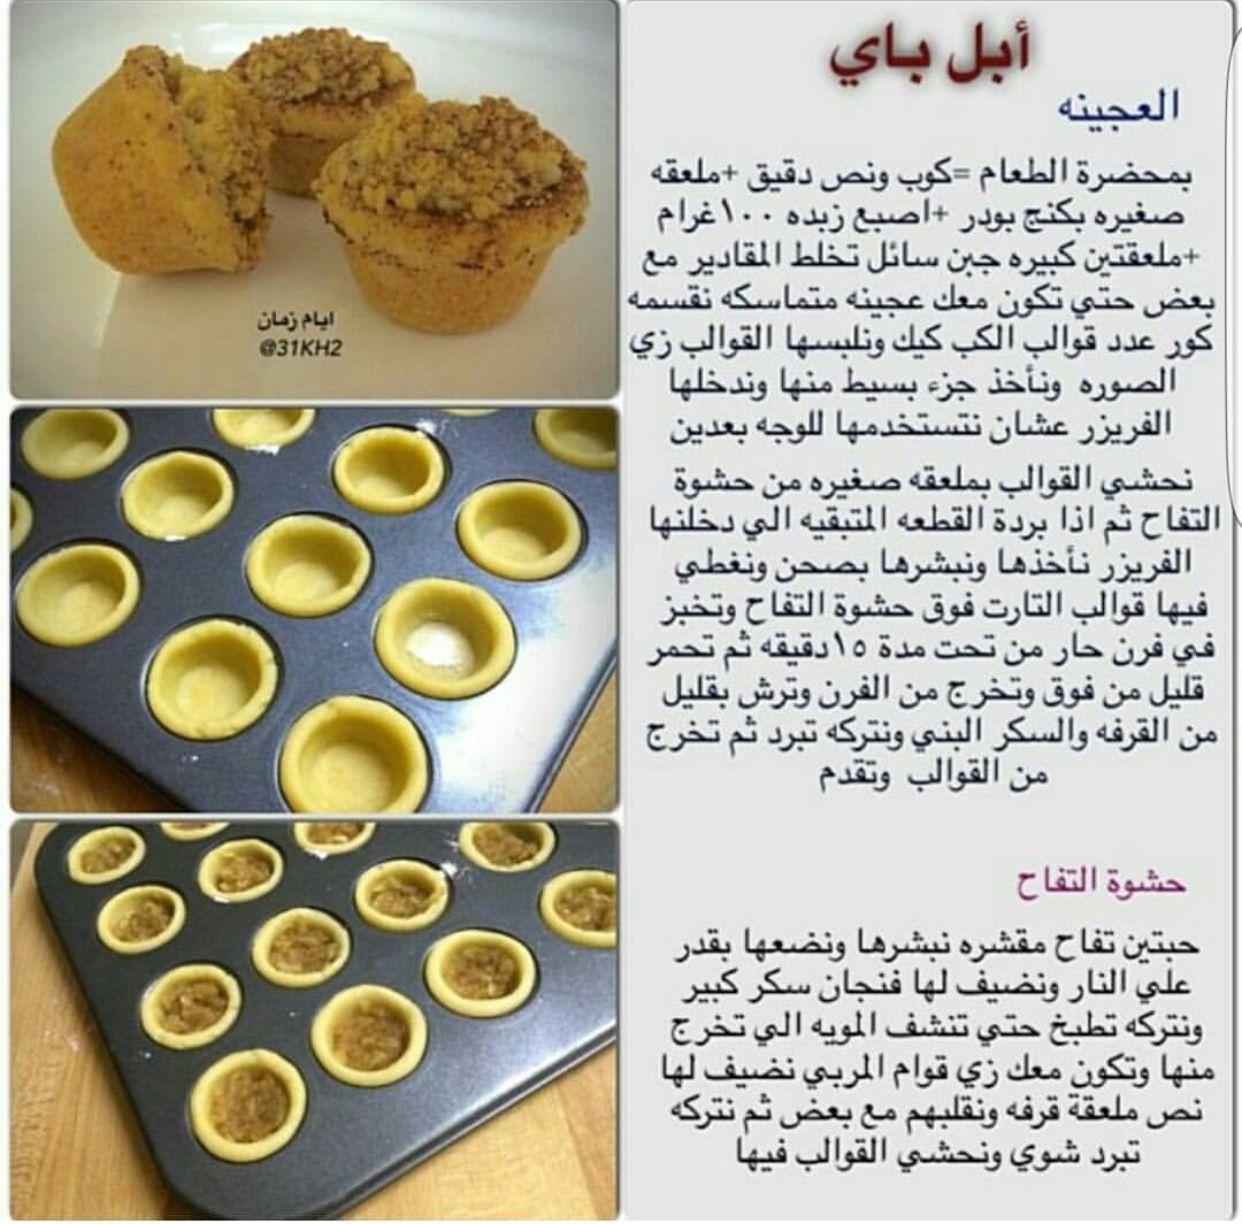 عجينة ابل باي تارت التفاح Sweets Recipes Apple Recipes Dessert Bites